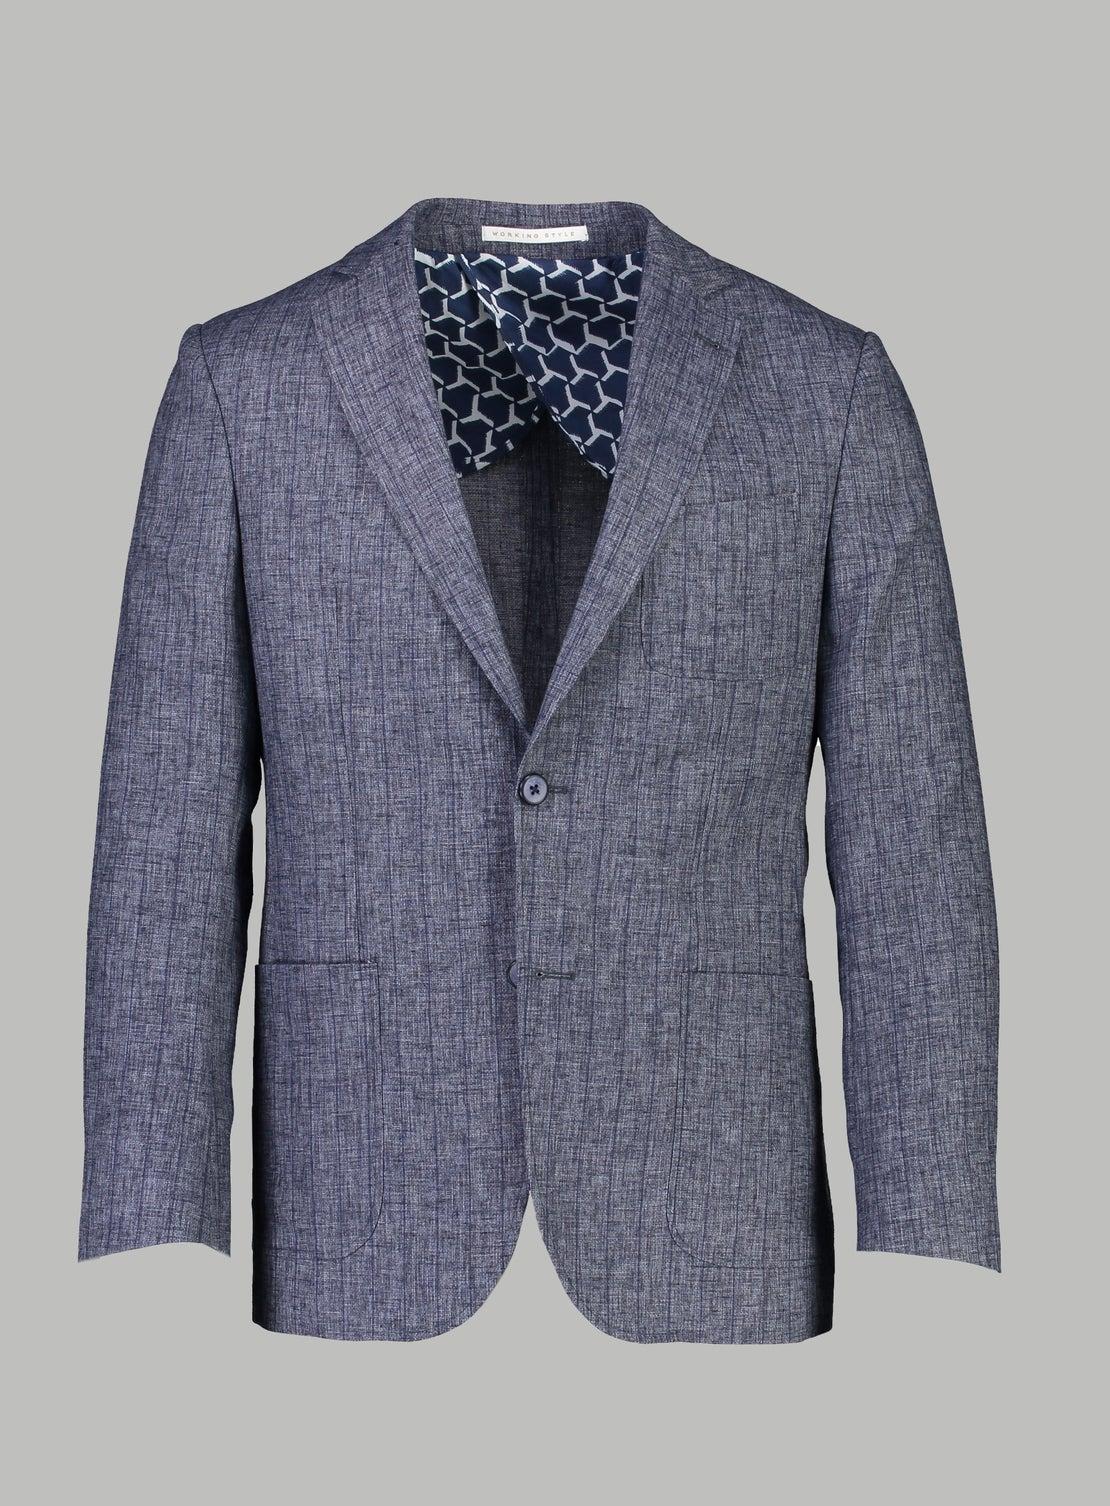 Clay Denim Blue Melange Pinstripe Sportscoat